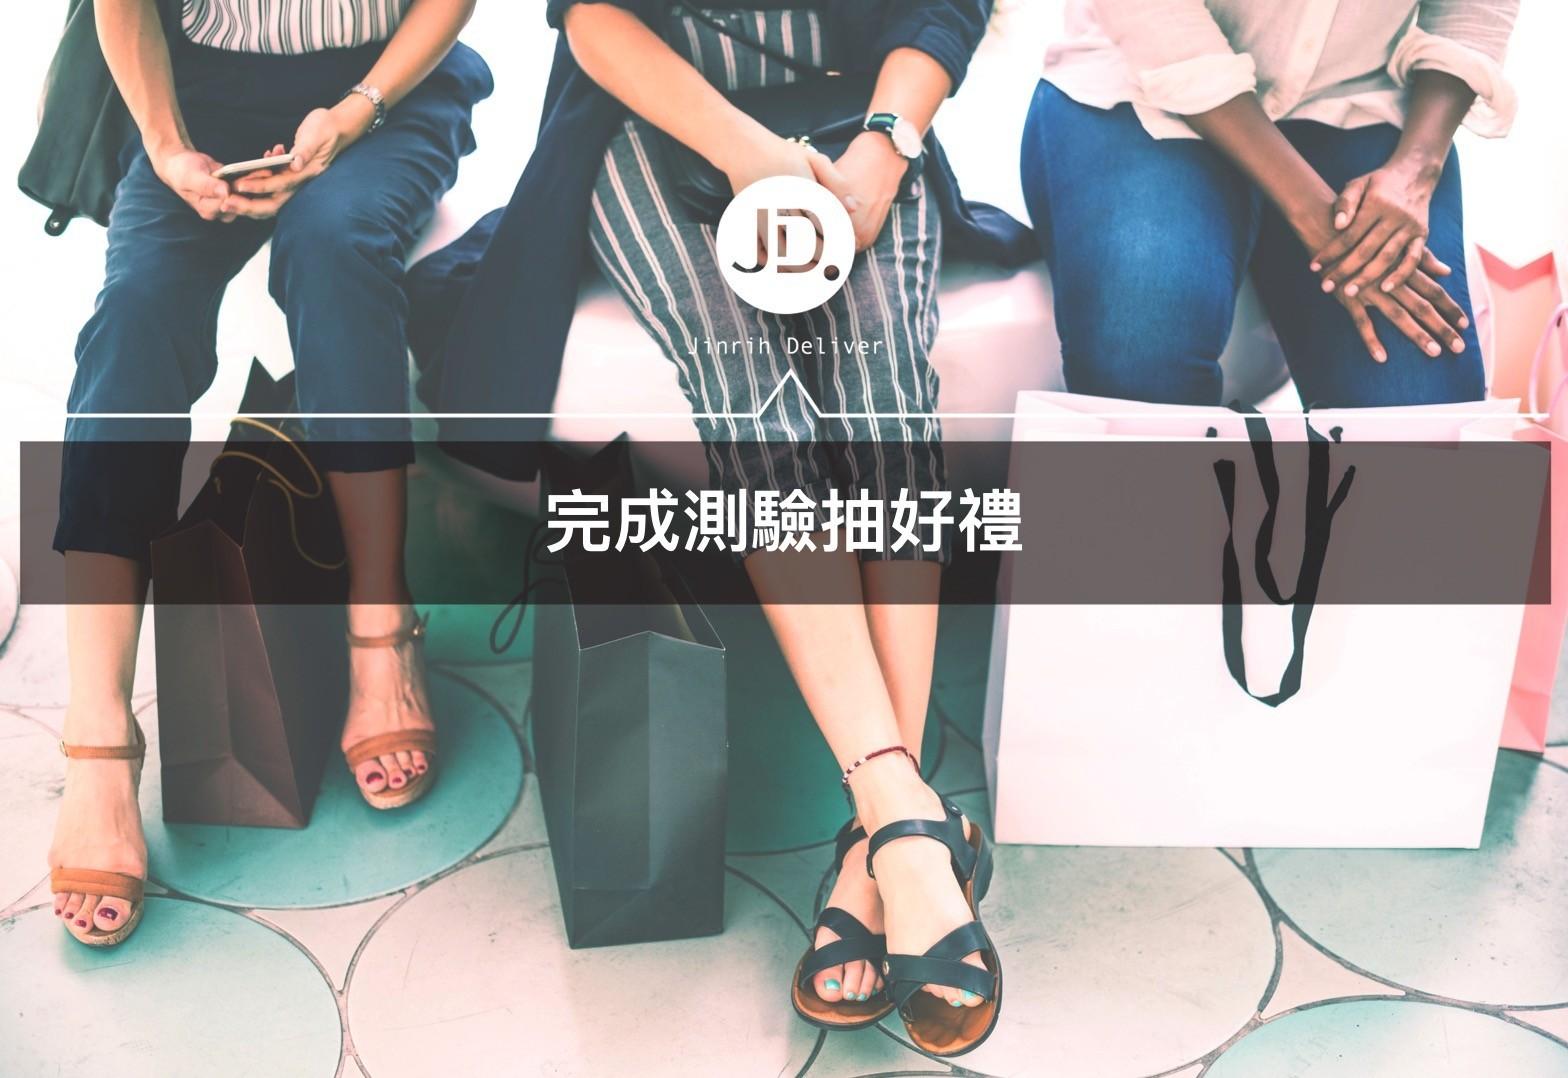 Yahoo奇摩拍賣【拍賣小宇宙】完成測驗抽好禮|2018/06/20-2018/07/31